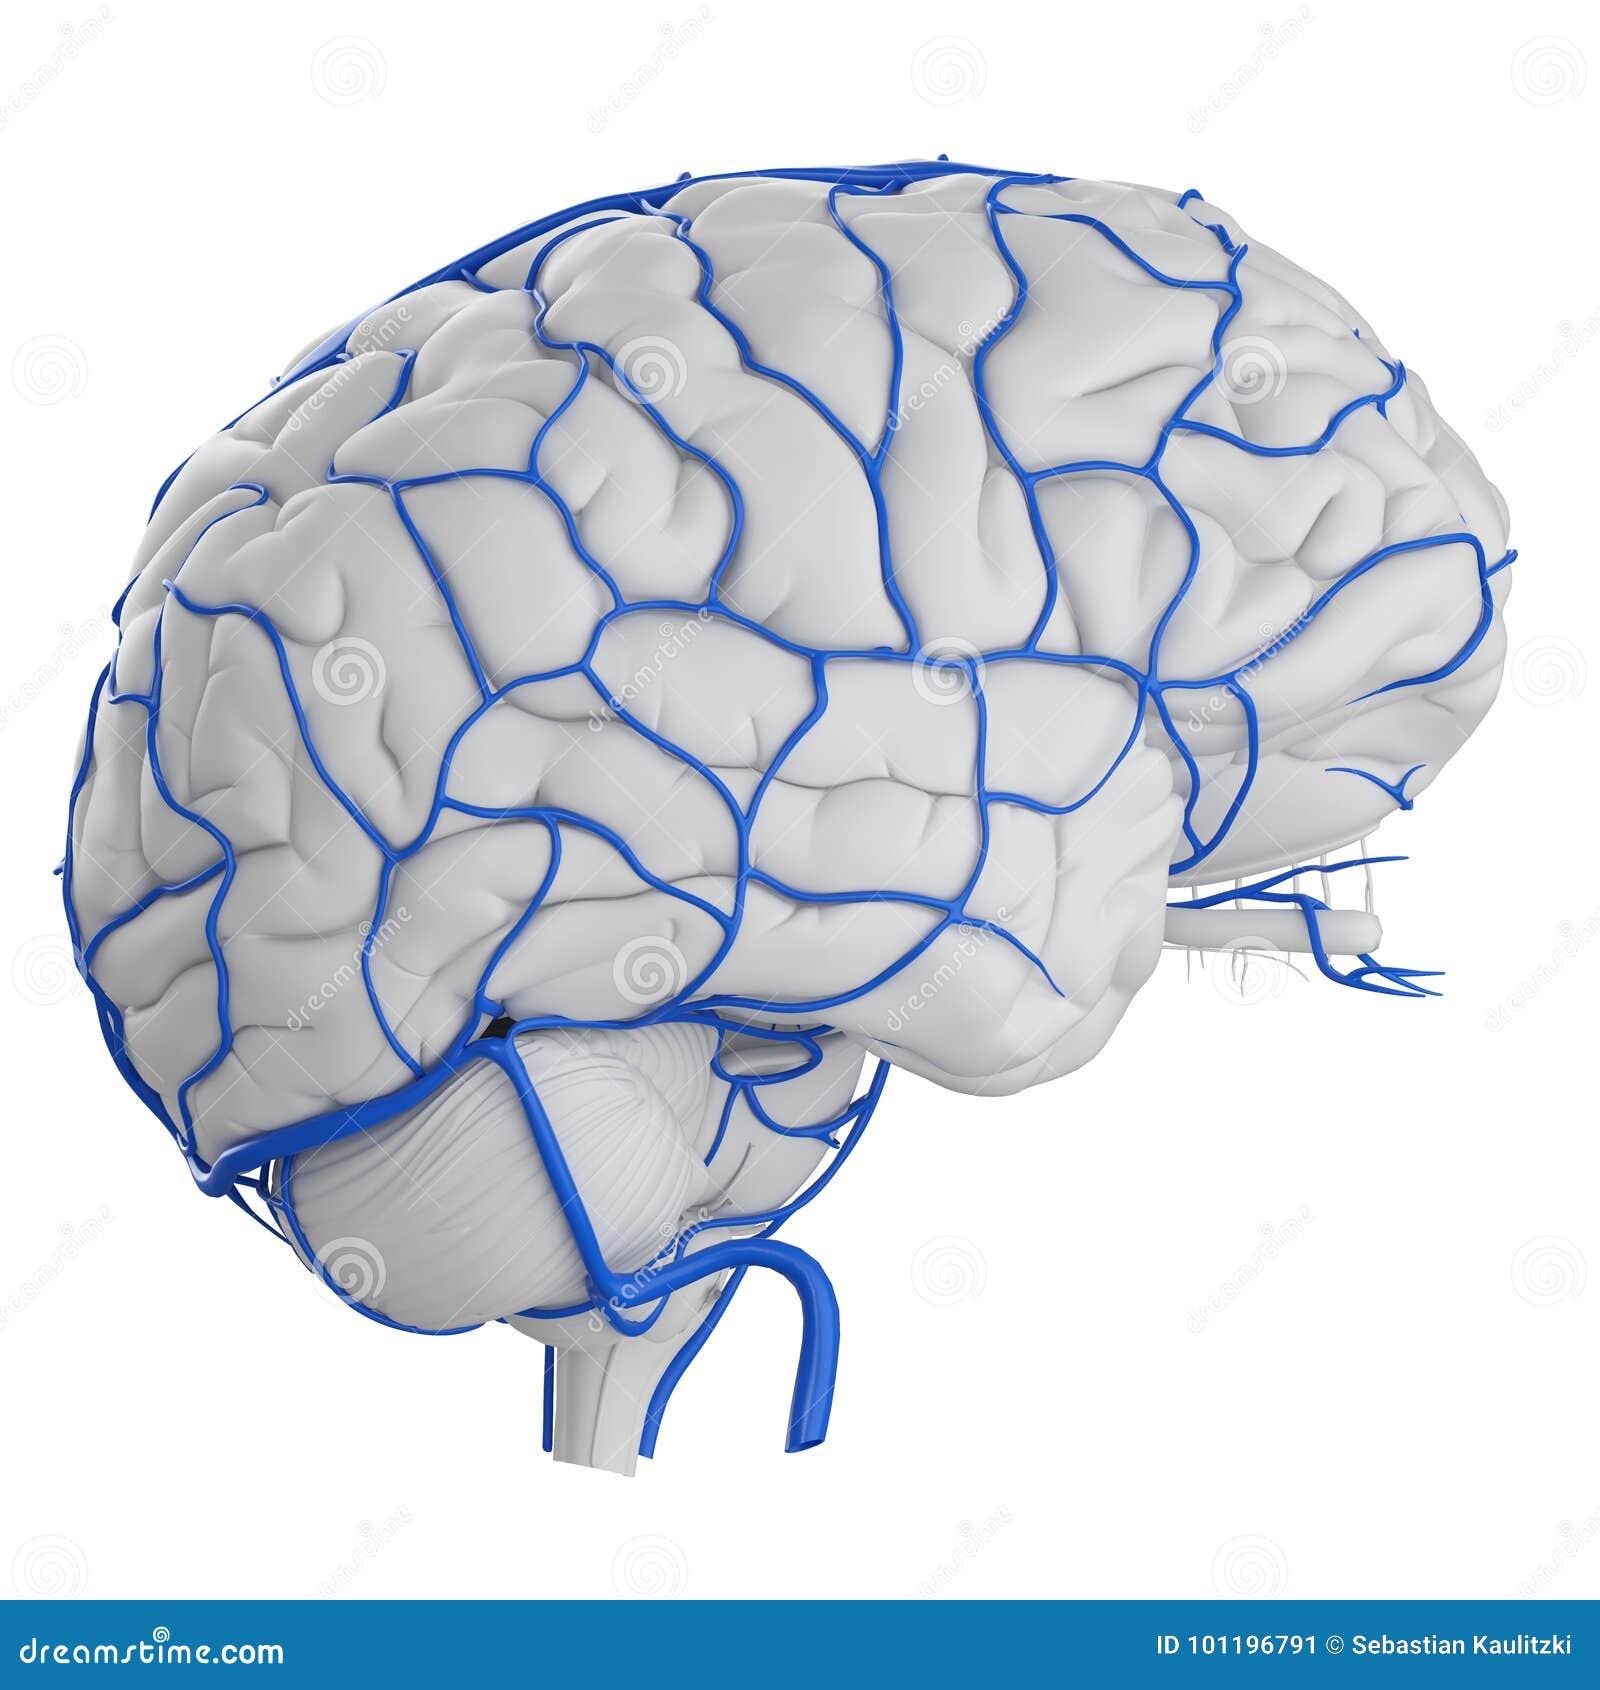 Las venas del cerebro